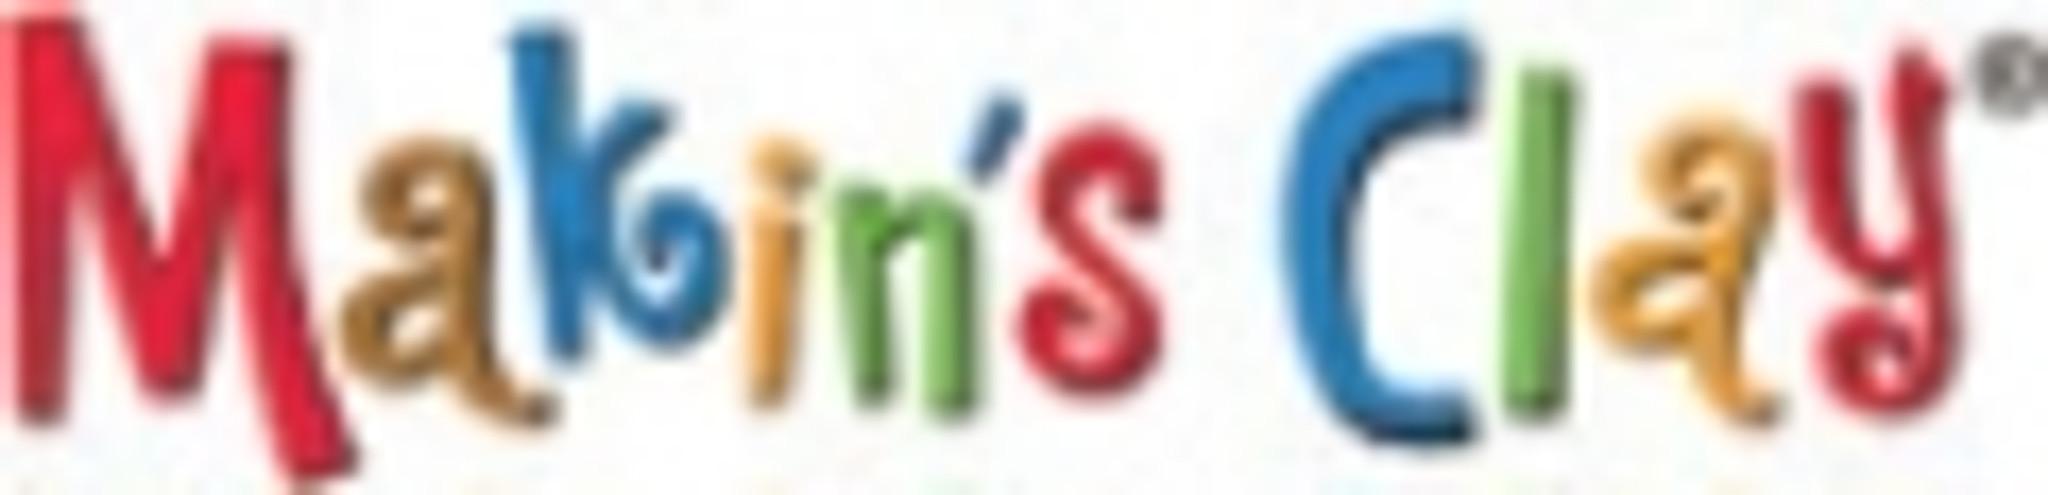 Makins